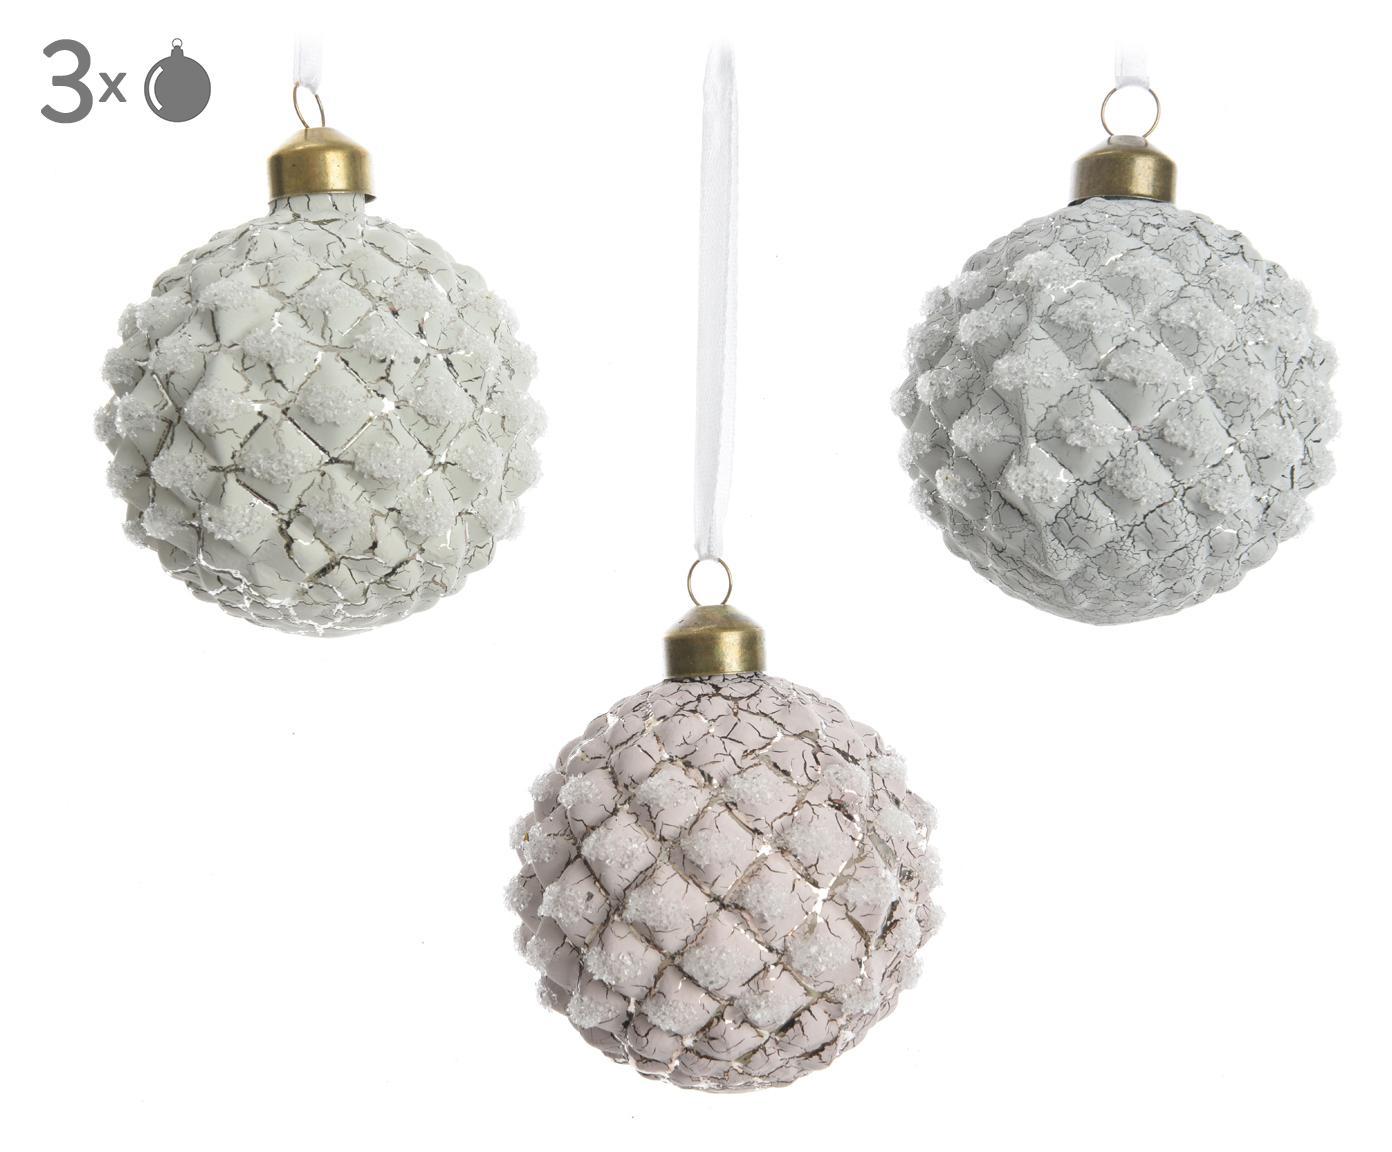 Weihnachtskugeln-Set Crackle, 3-tlg., Weiß, Silberfarben, Ø 8 cm